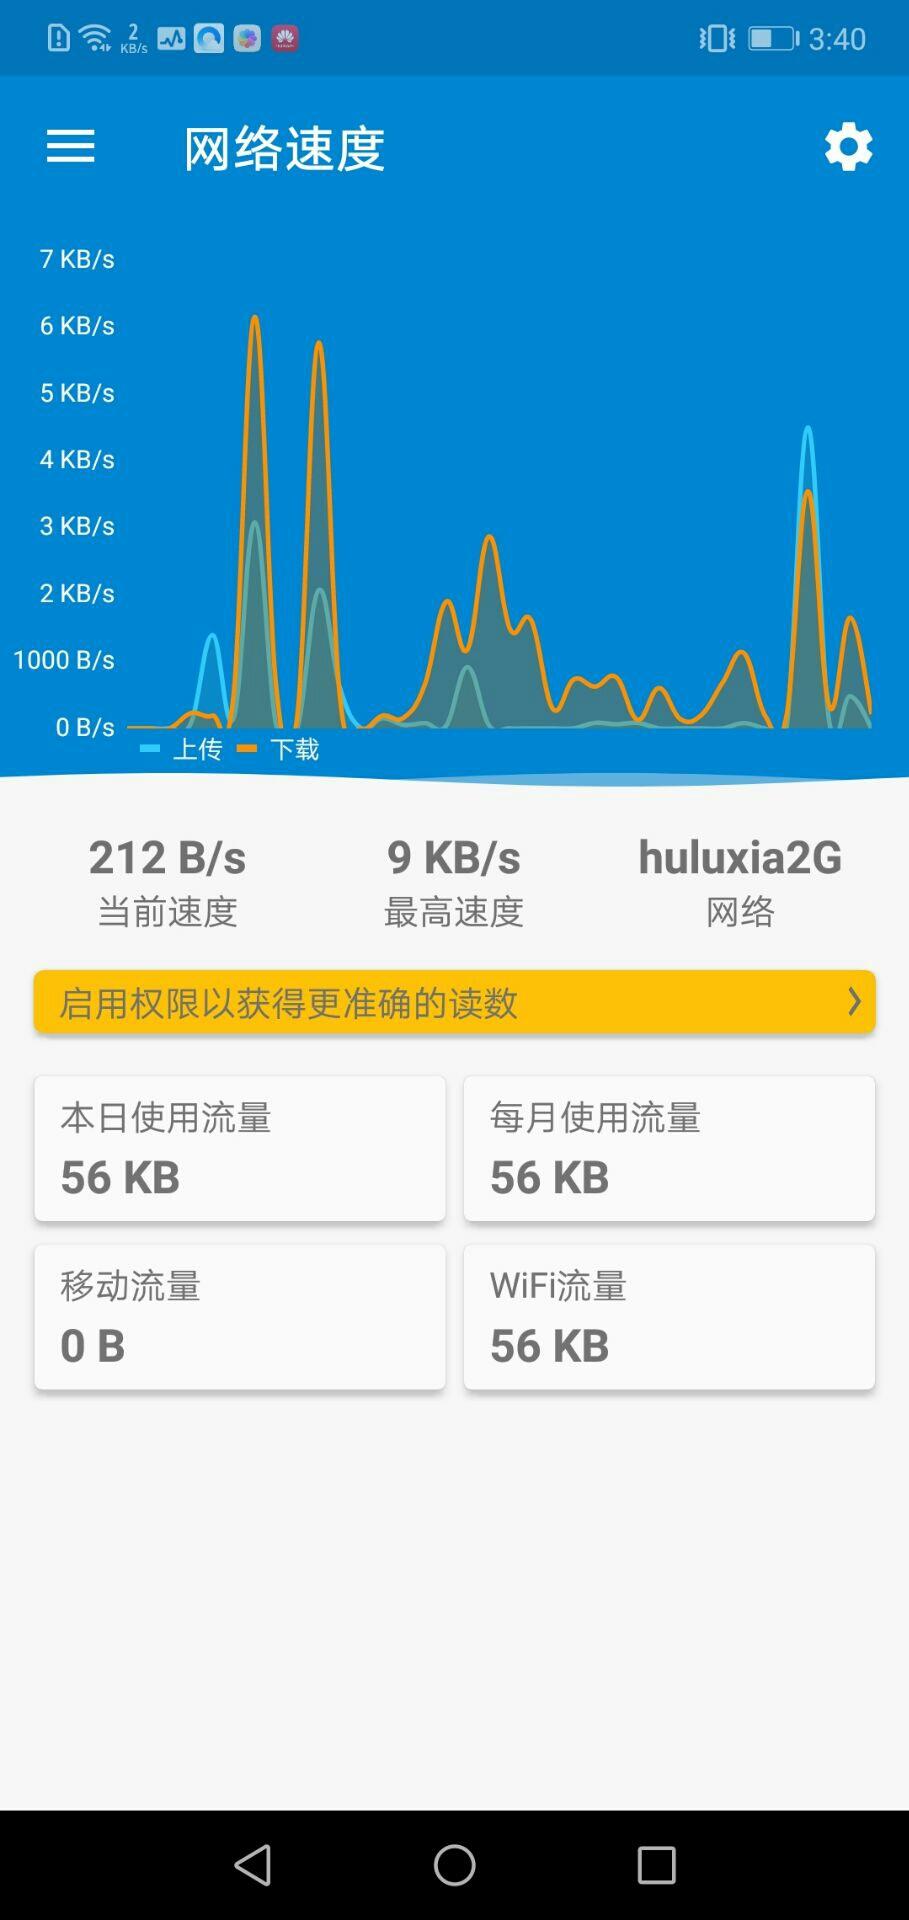 【资源分享】网速监控-爱小助